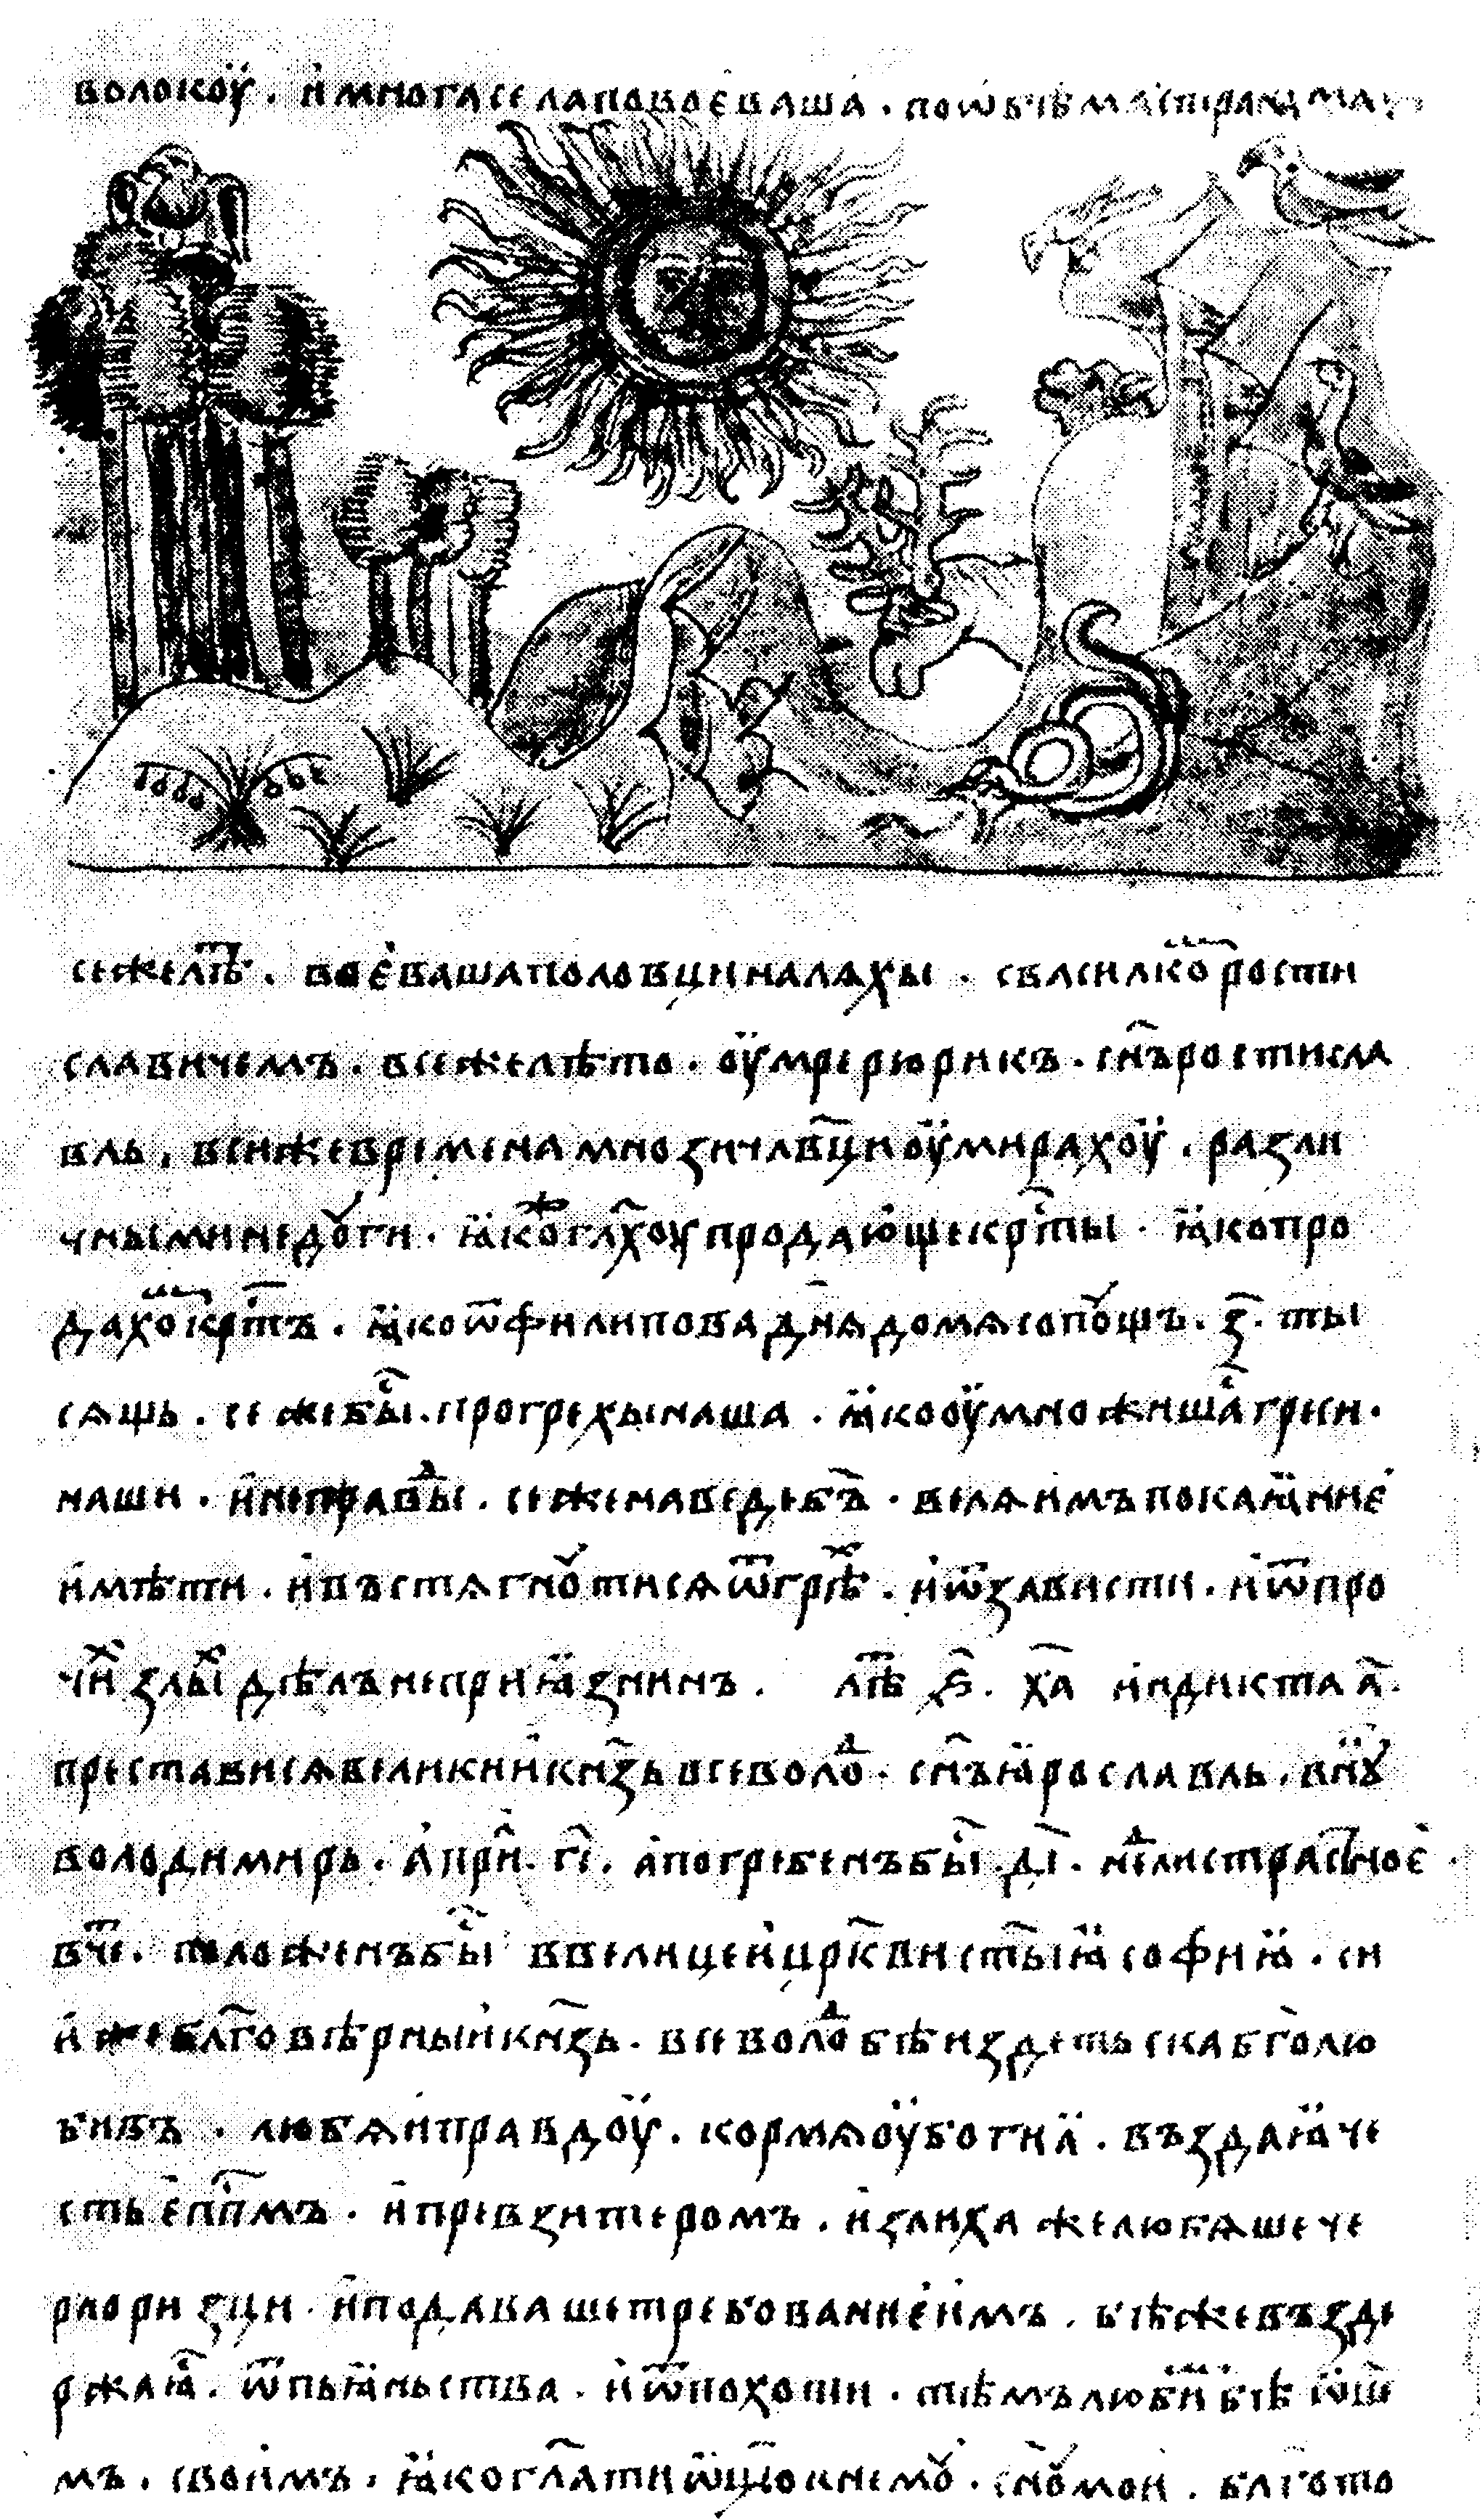 как оформлялись летописи в древней руси